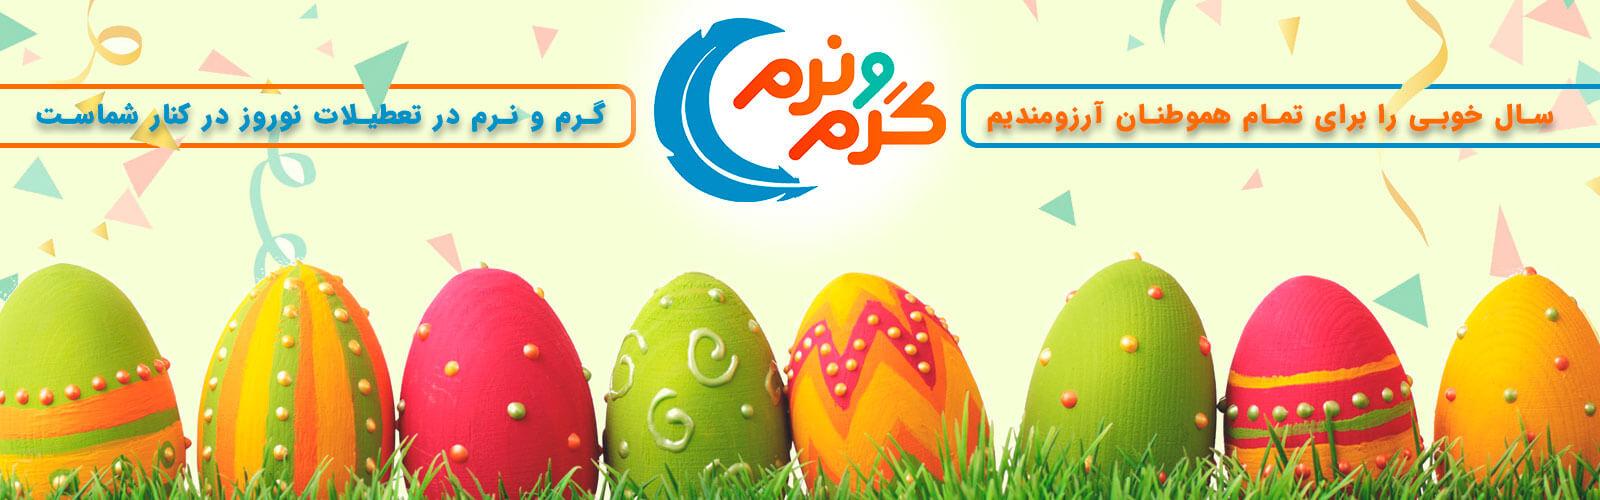 خرید آنلاین تشک در تعطیلات نوروز